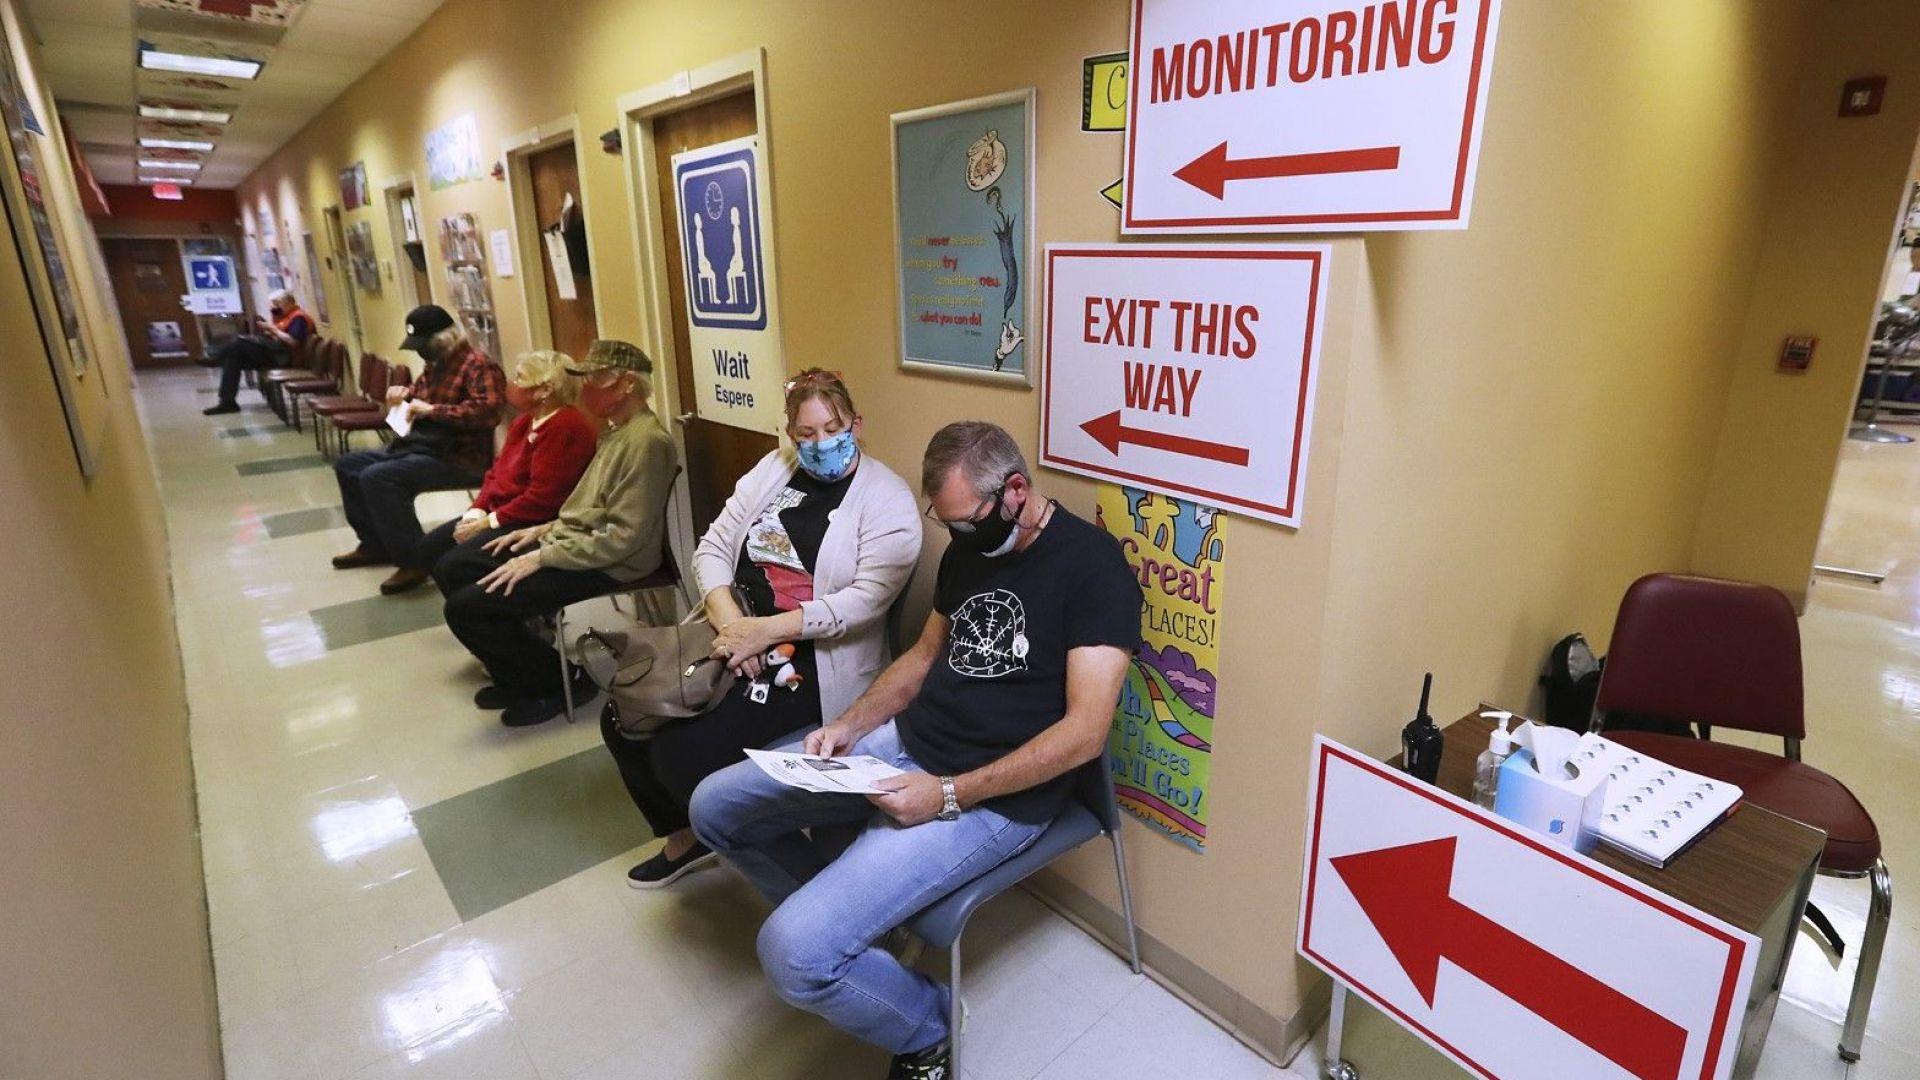 САЩ пускат ваксини срещу коронавируса в аптеките